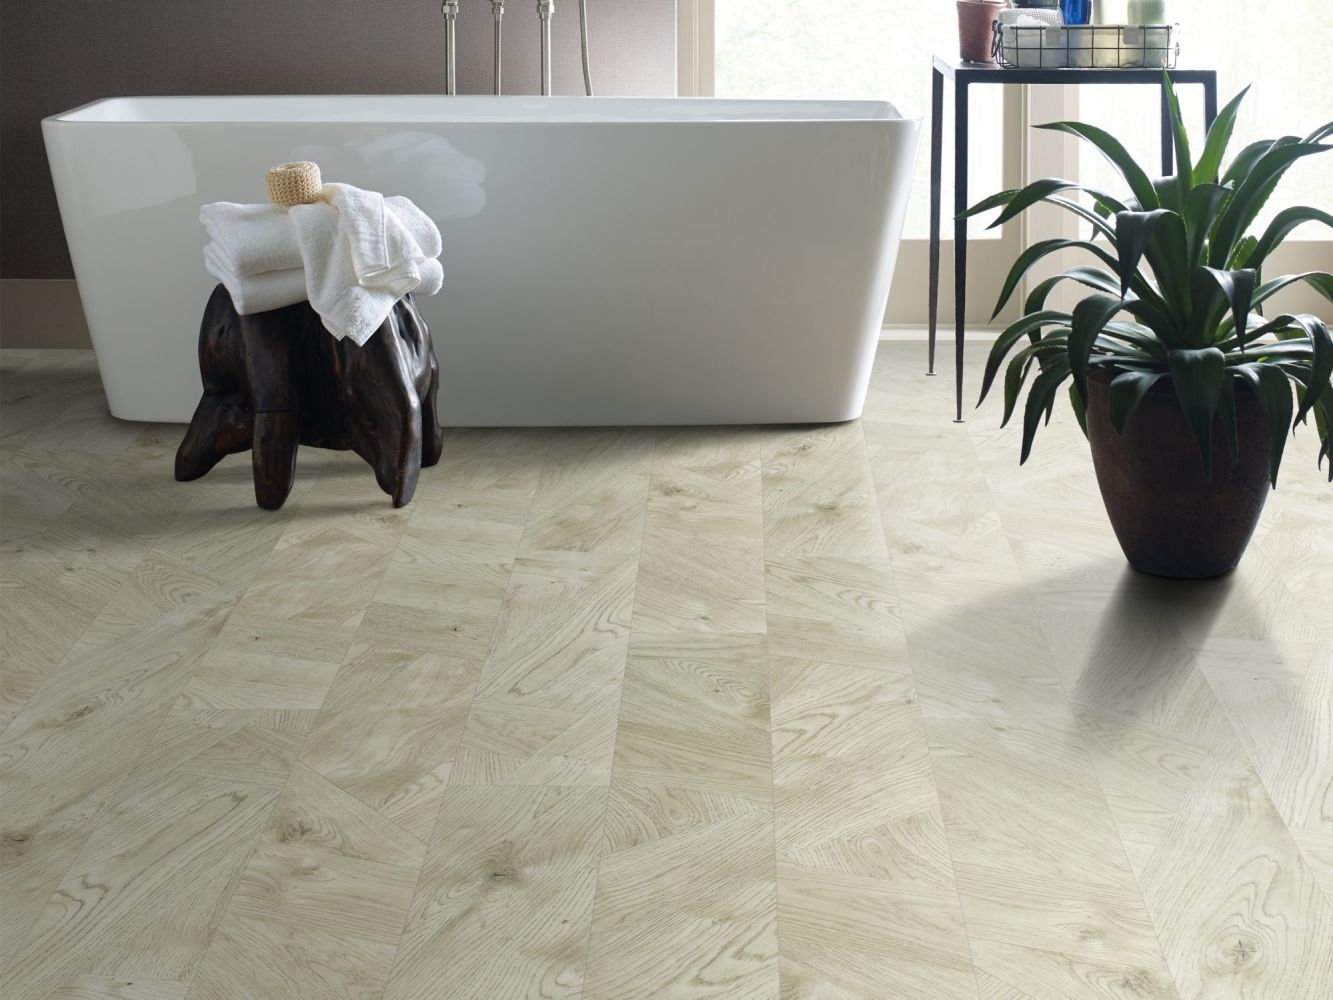 Shaw Floors SFA Adventure Hd+ Milled Bazaar Ginger 01054_702SA